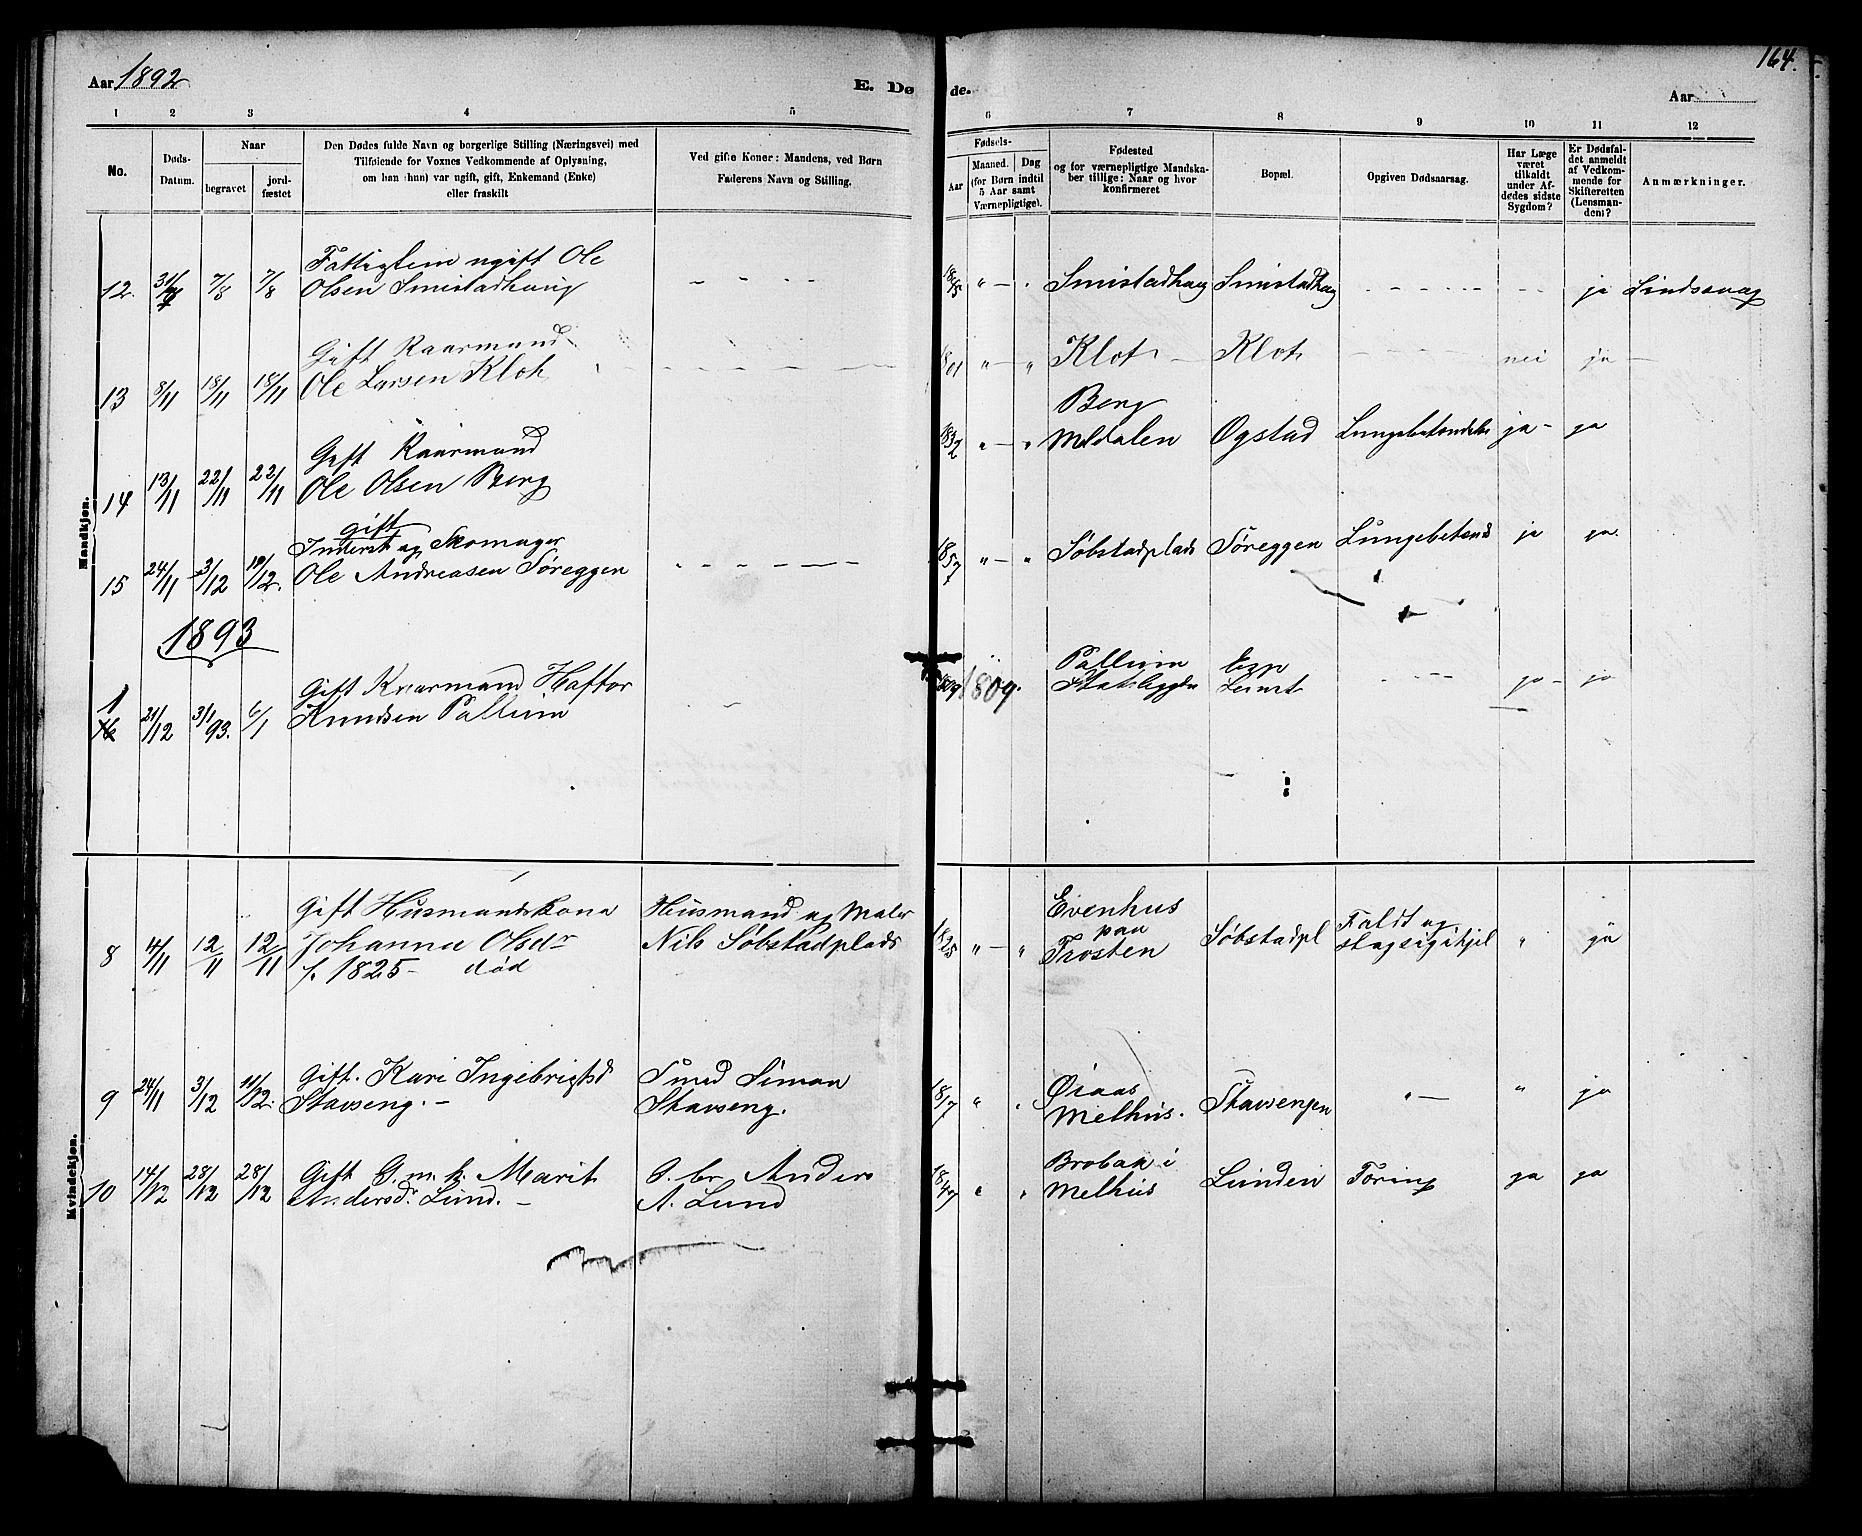 SAT, Ministerialprotokoller, klokkerbøker og fødselsregistre - Sør-Trøndelag, 613/L0395: Klokkerbok nr. 613C03, 1887-1909, s. 164